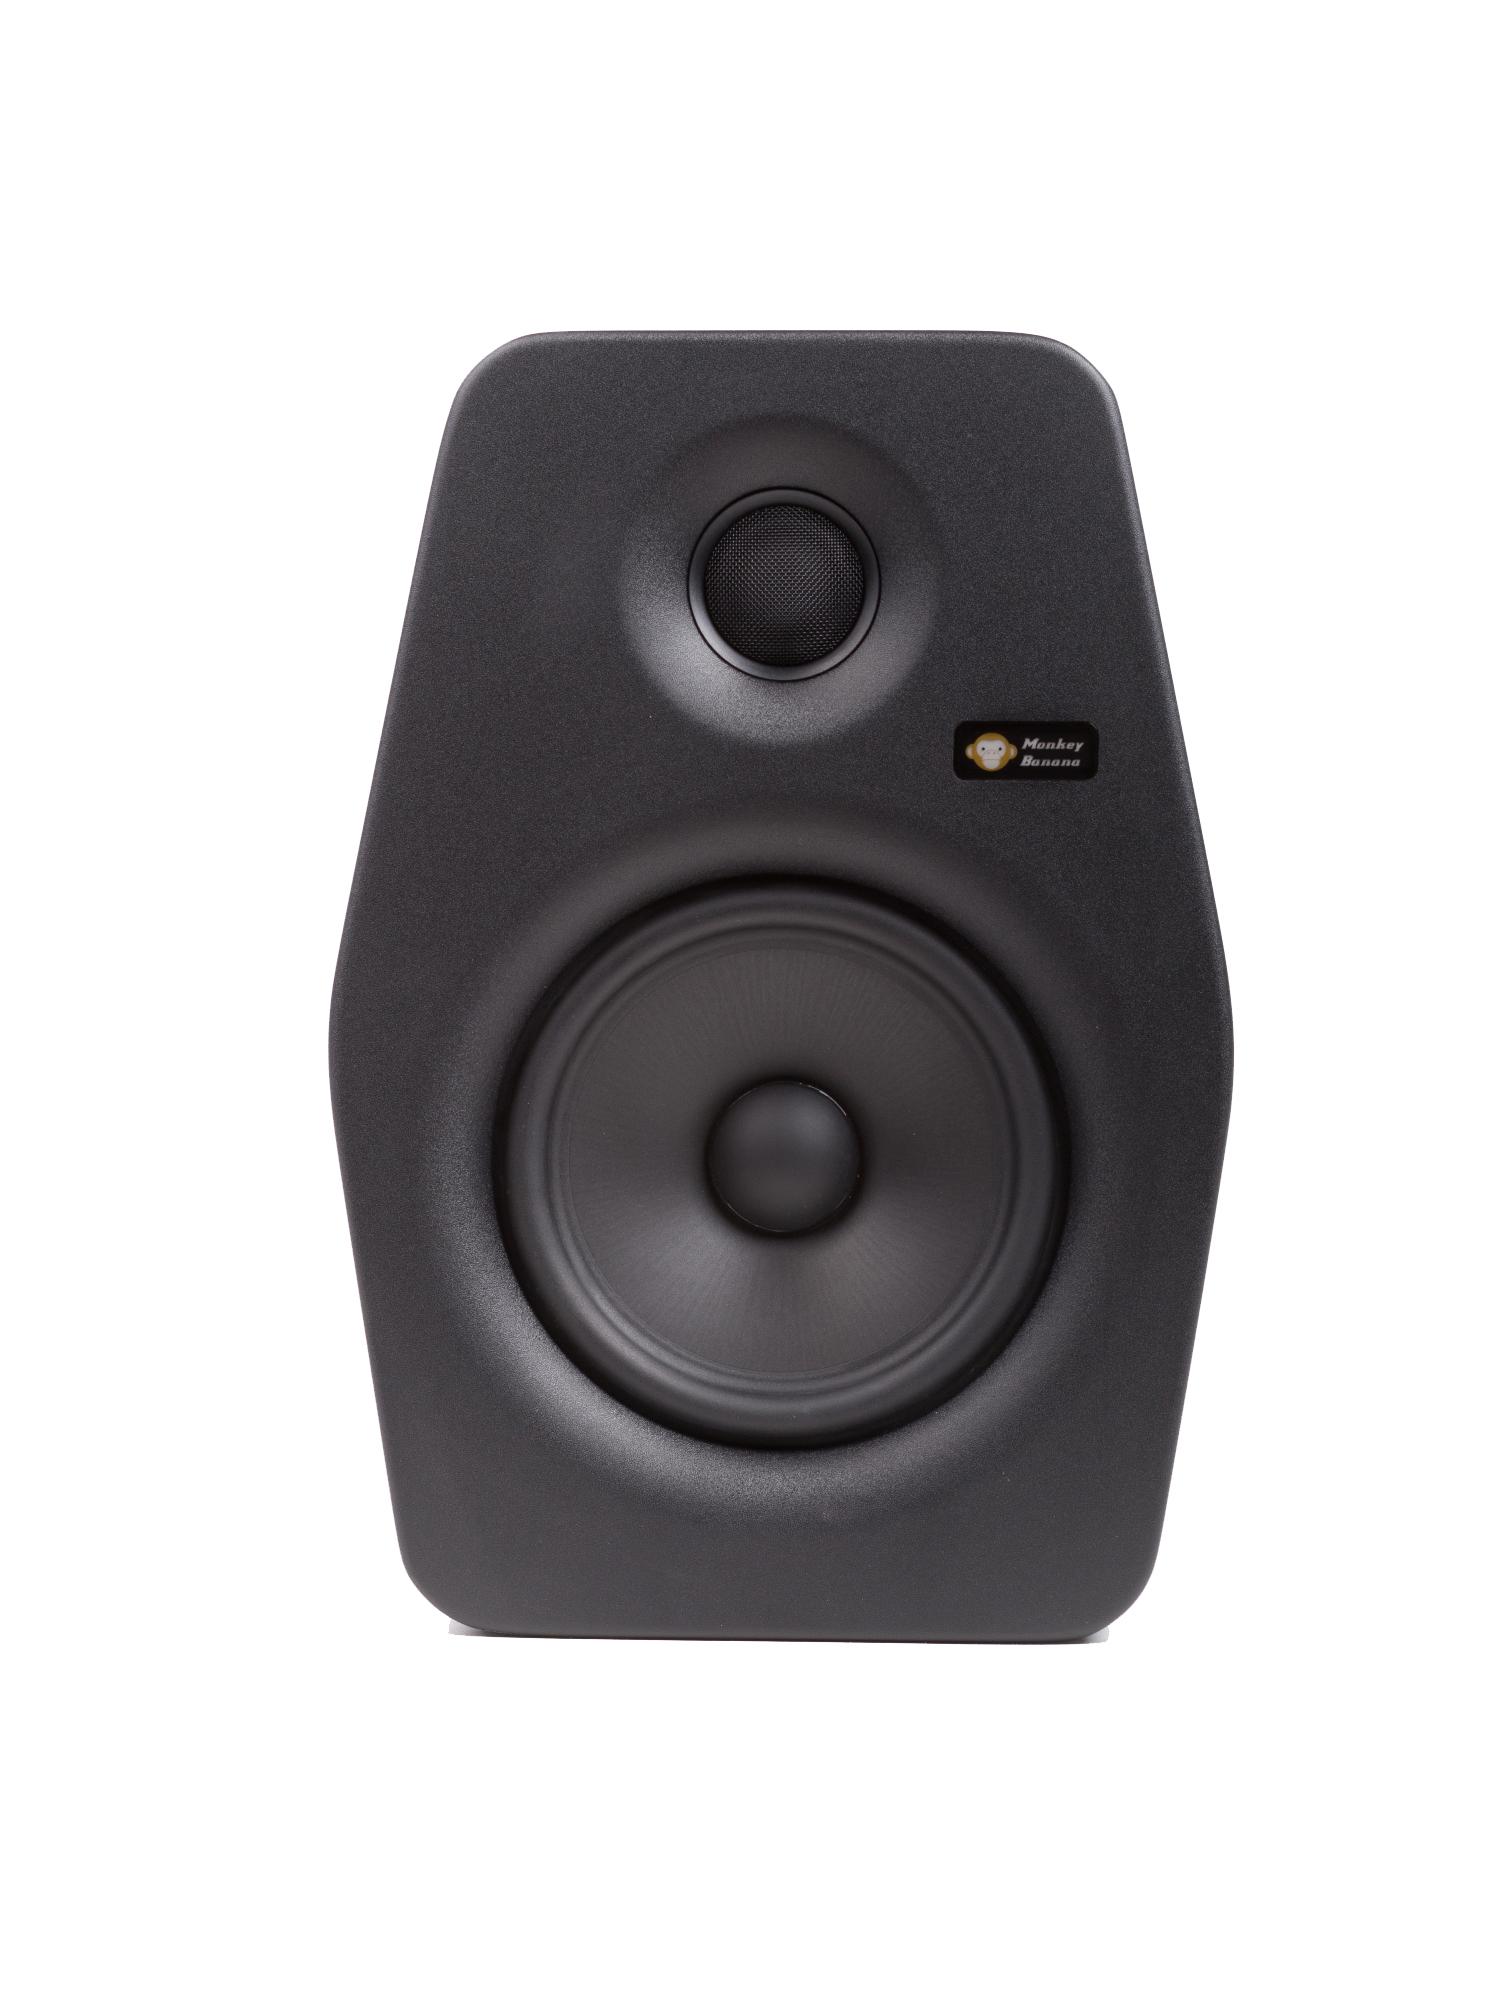 Billede af Monkey Banana Turbo 6 studie højttaler, sort